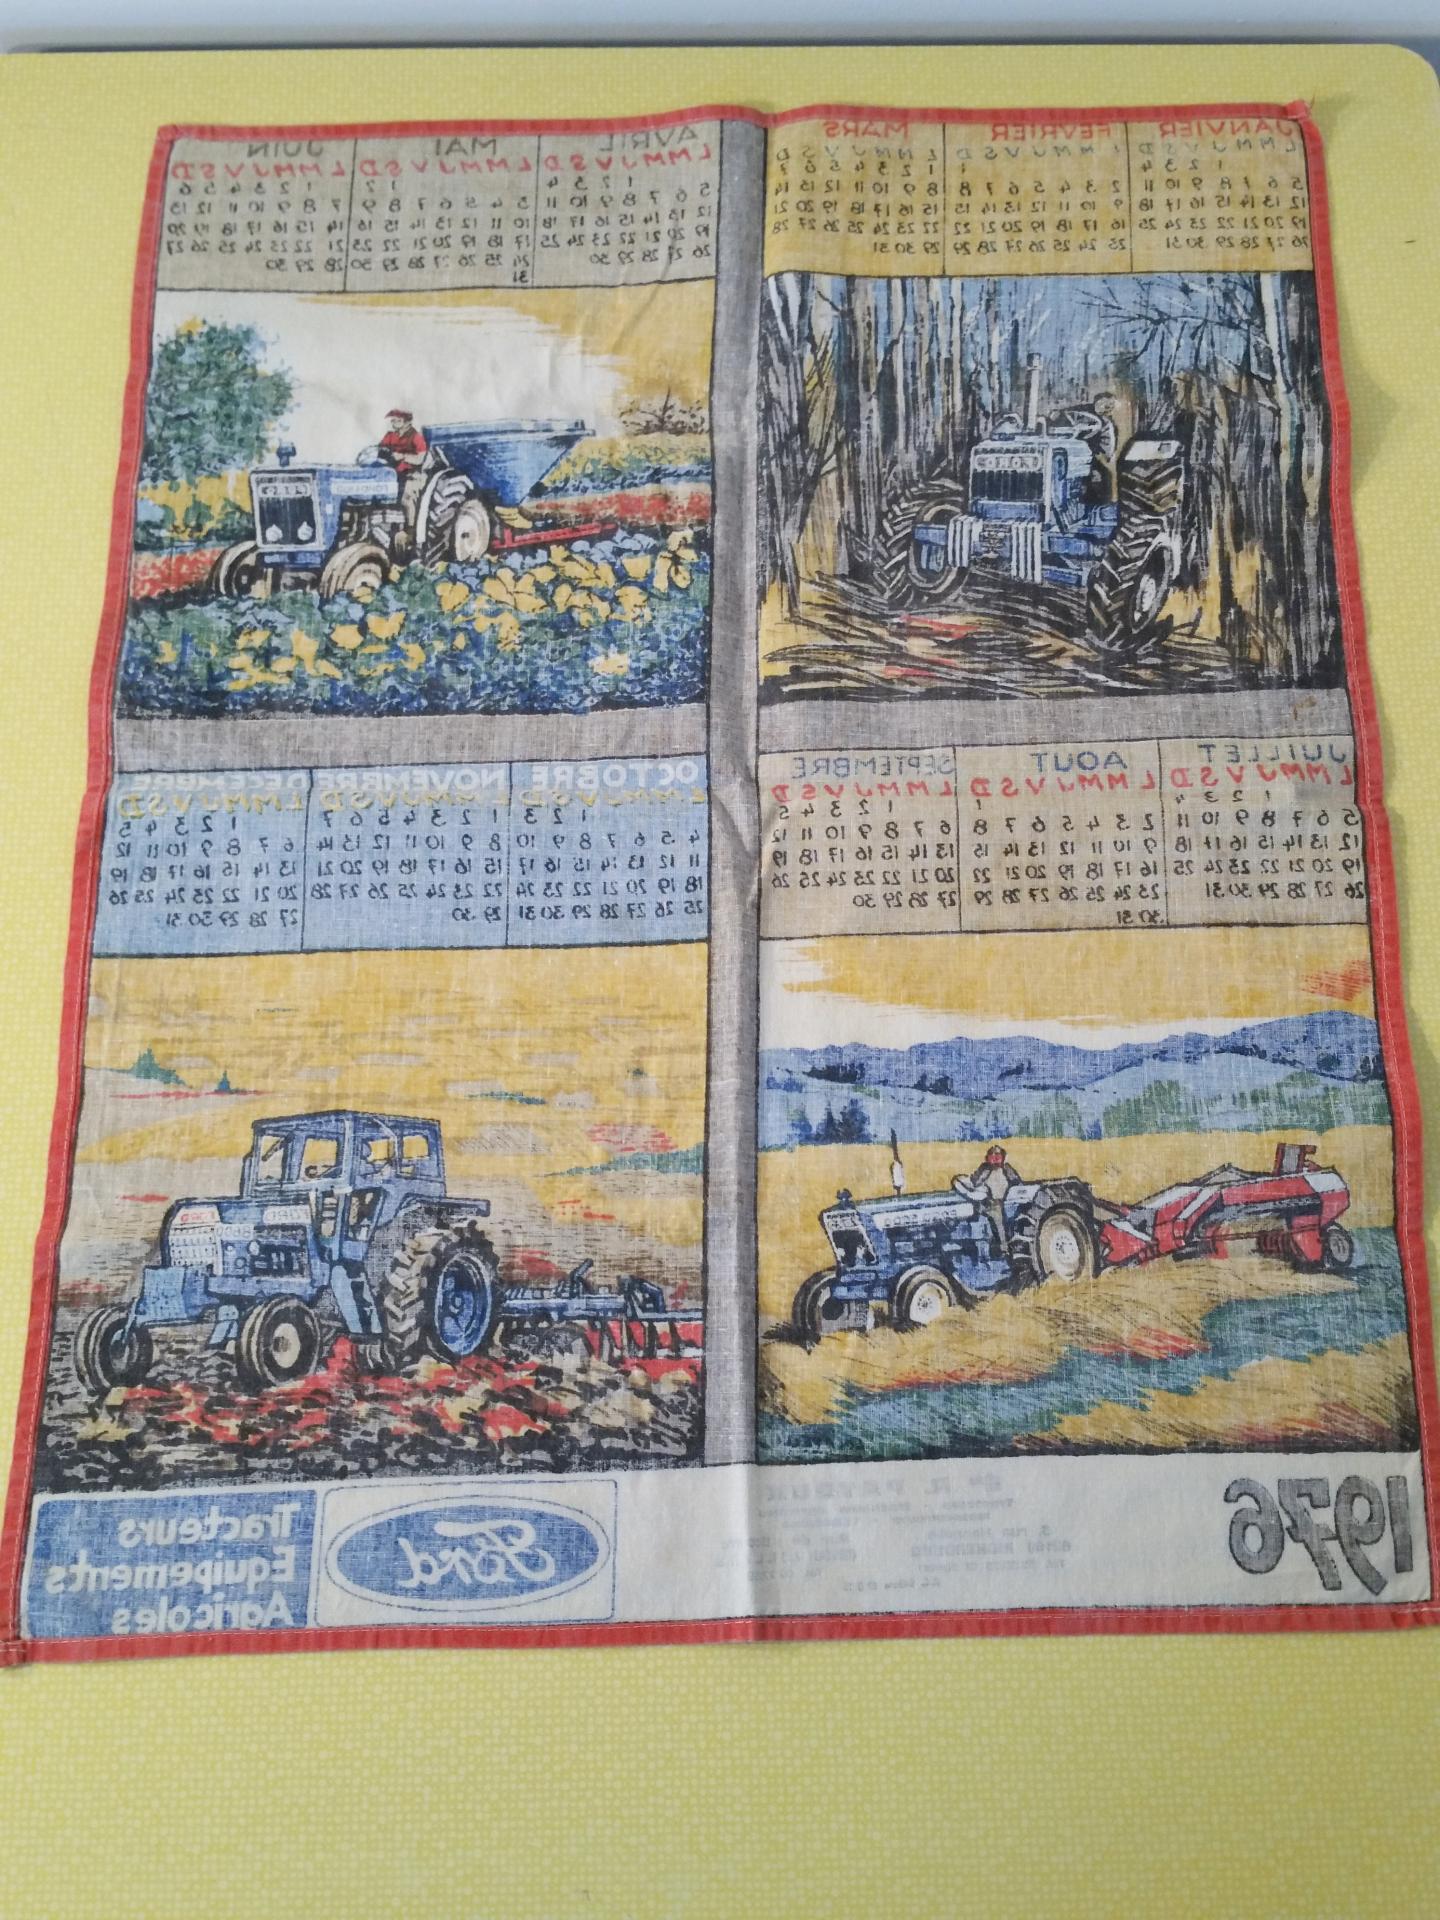 Torchon calendrier 1976 torchon de cuisine vintage tracteur ford - Torchon calendrier ...